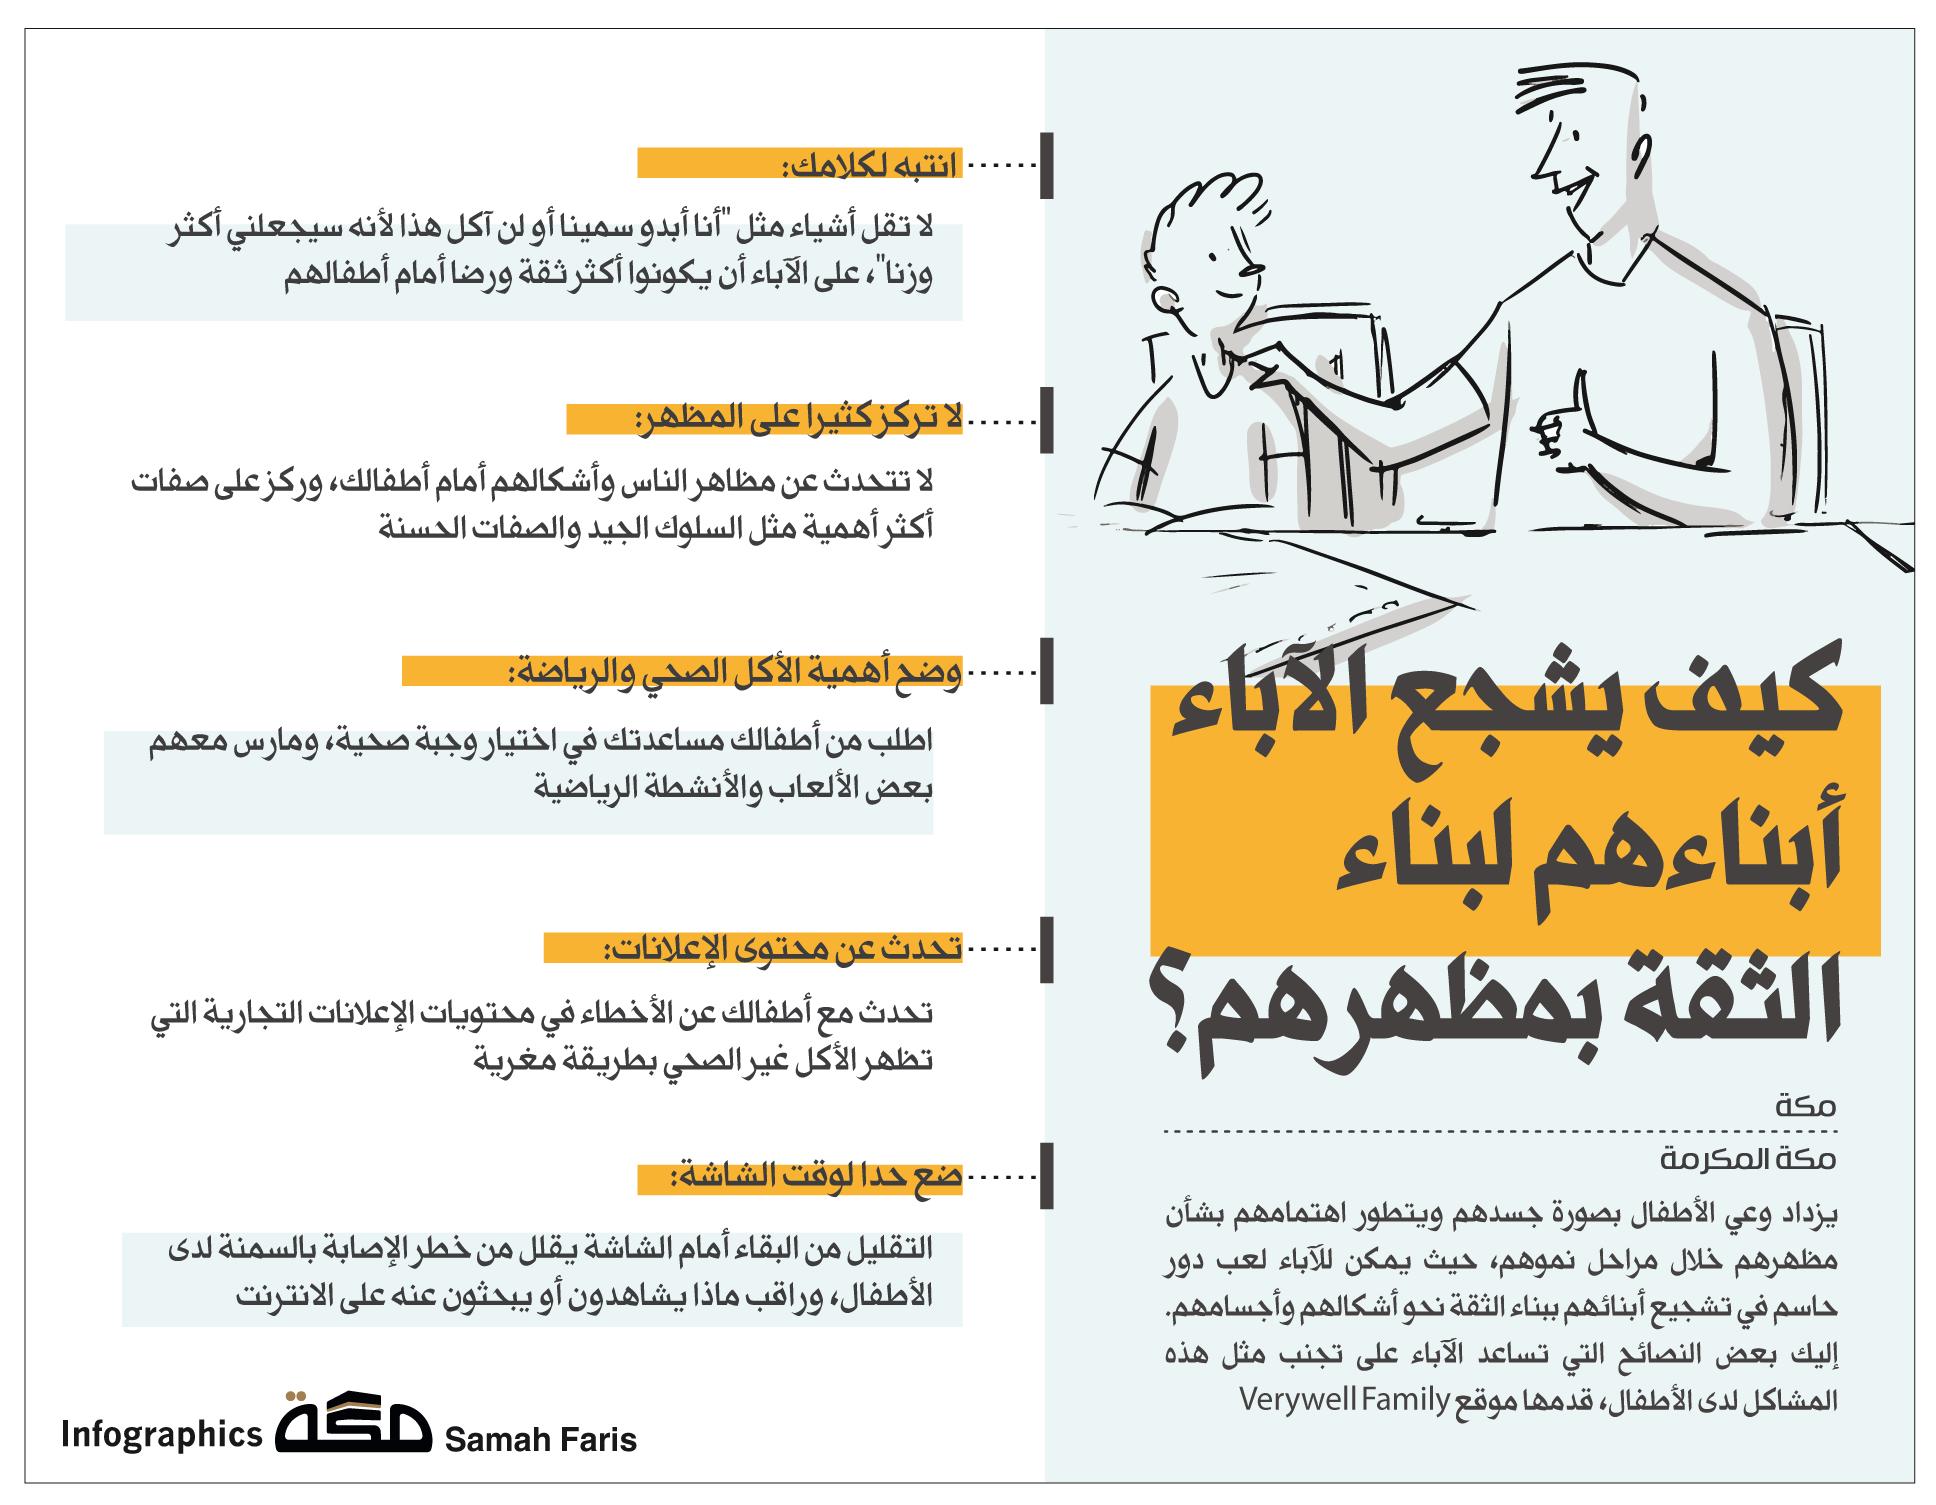 كيف يشجع الآباء أبناءهم لبناء الثقة بمظهرهم صحيفة مكة الثقة التربية Happy Kids Infographic Kids